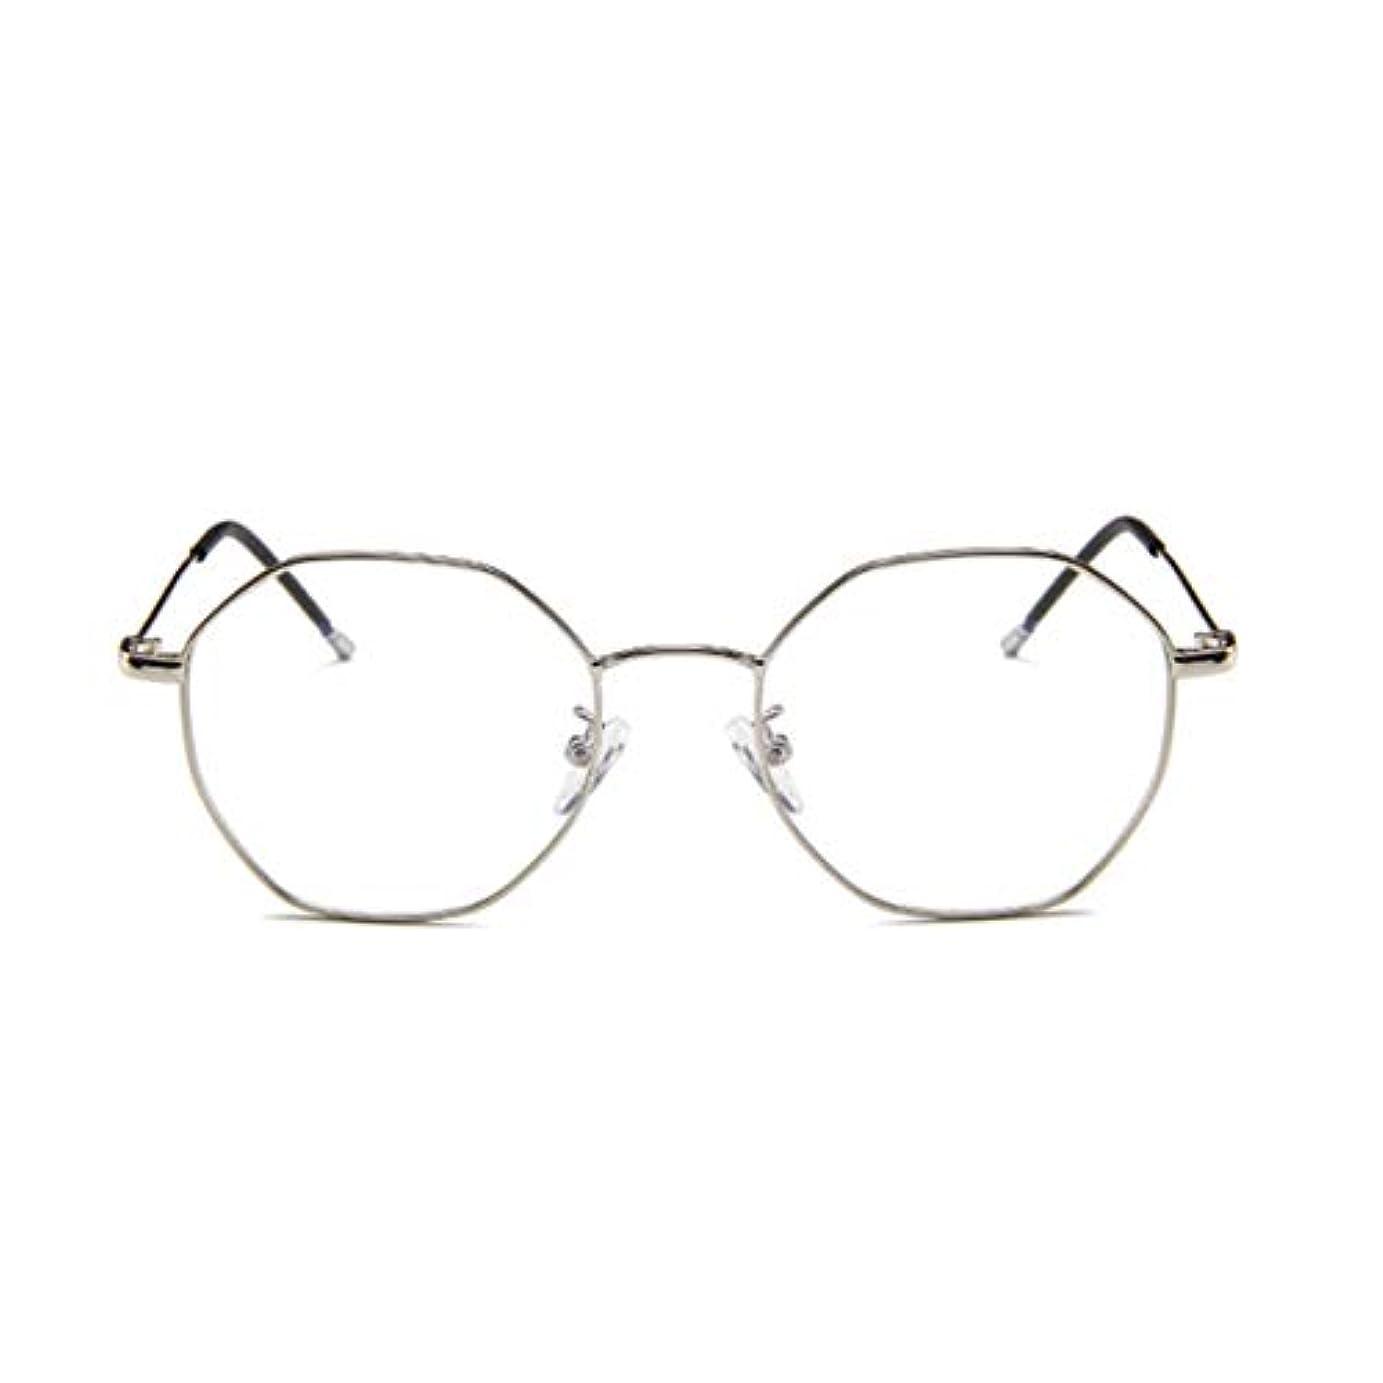 理容室ポテト練るファッションメガネ近視多角形フレーム韓国語版メタルフレーム男性と女性のための不規則なフラットガラス-スライバー-